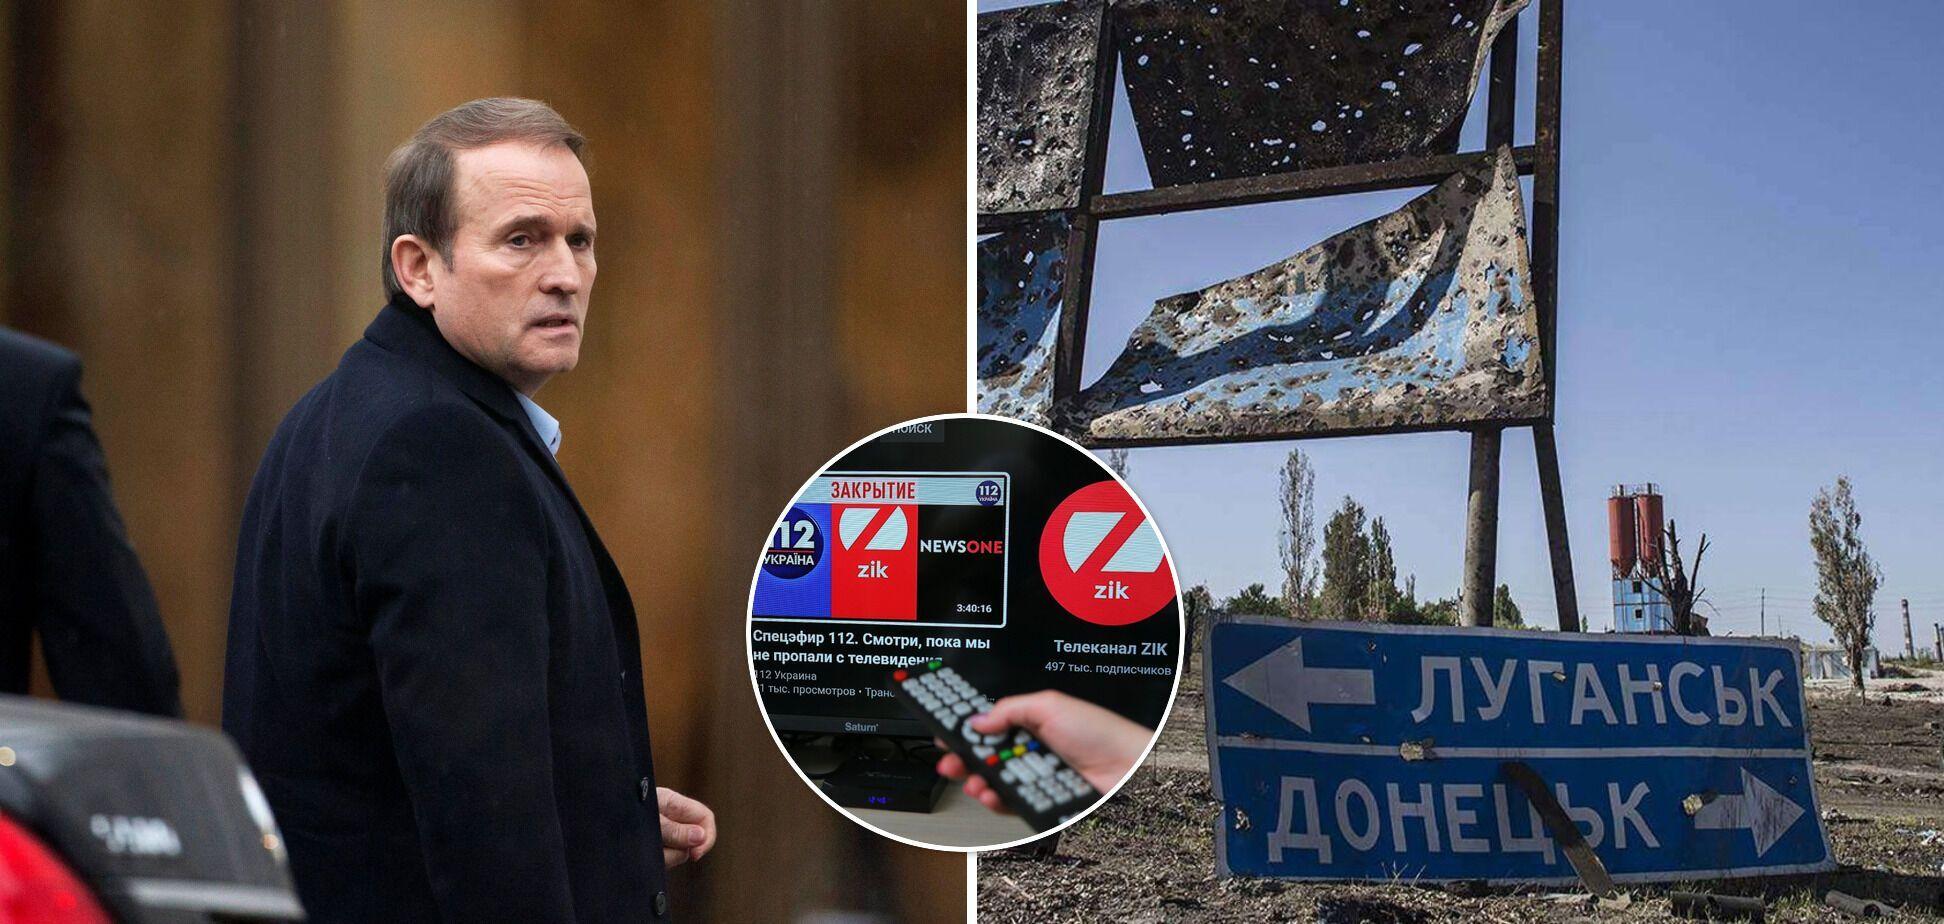 Діяльність ОПЗЖ на прифронтових територіях загрожує безпеці України,– політолог